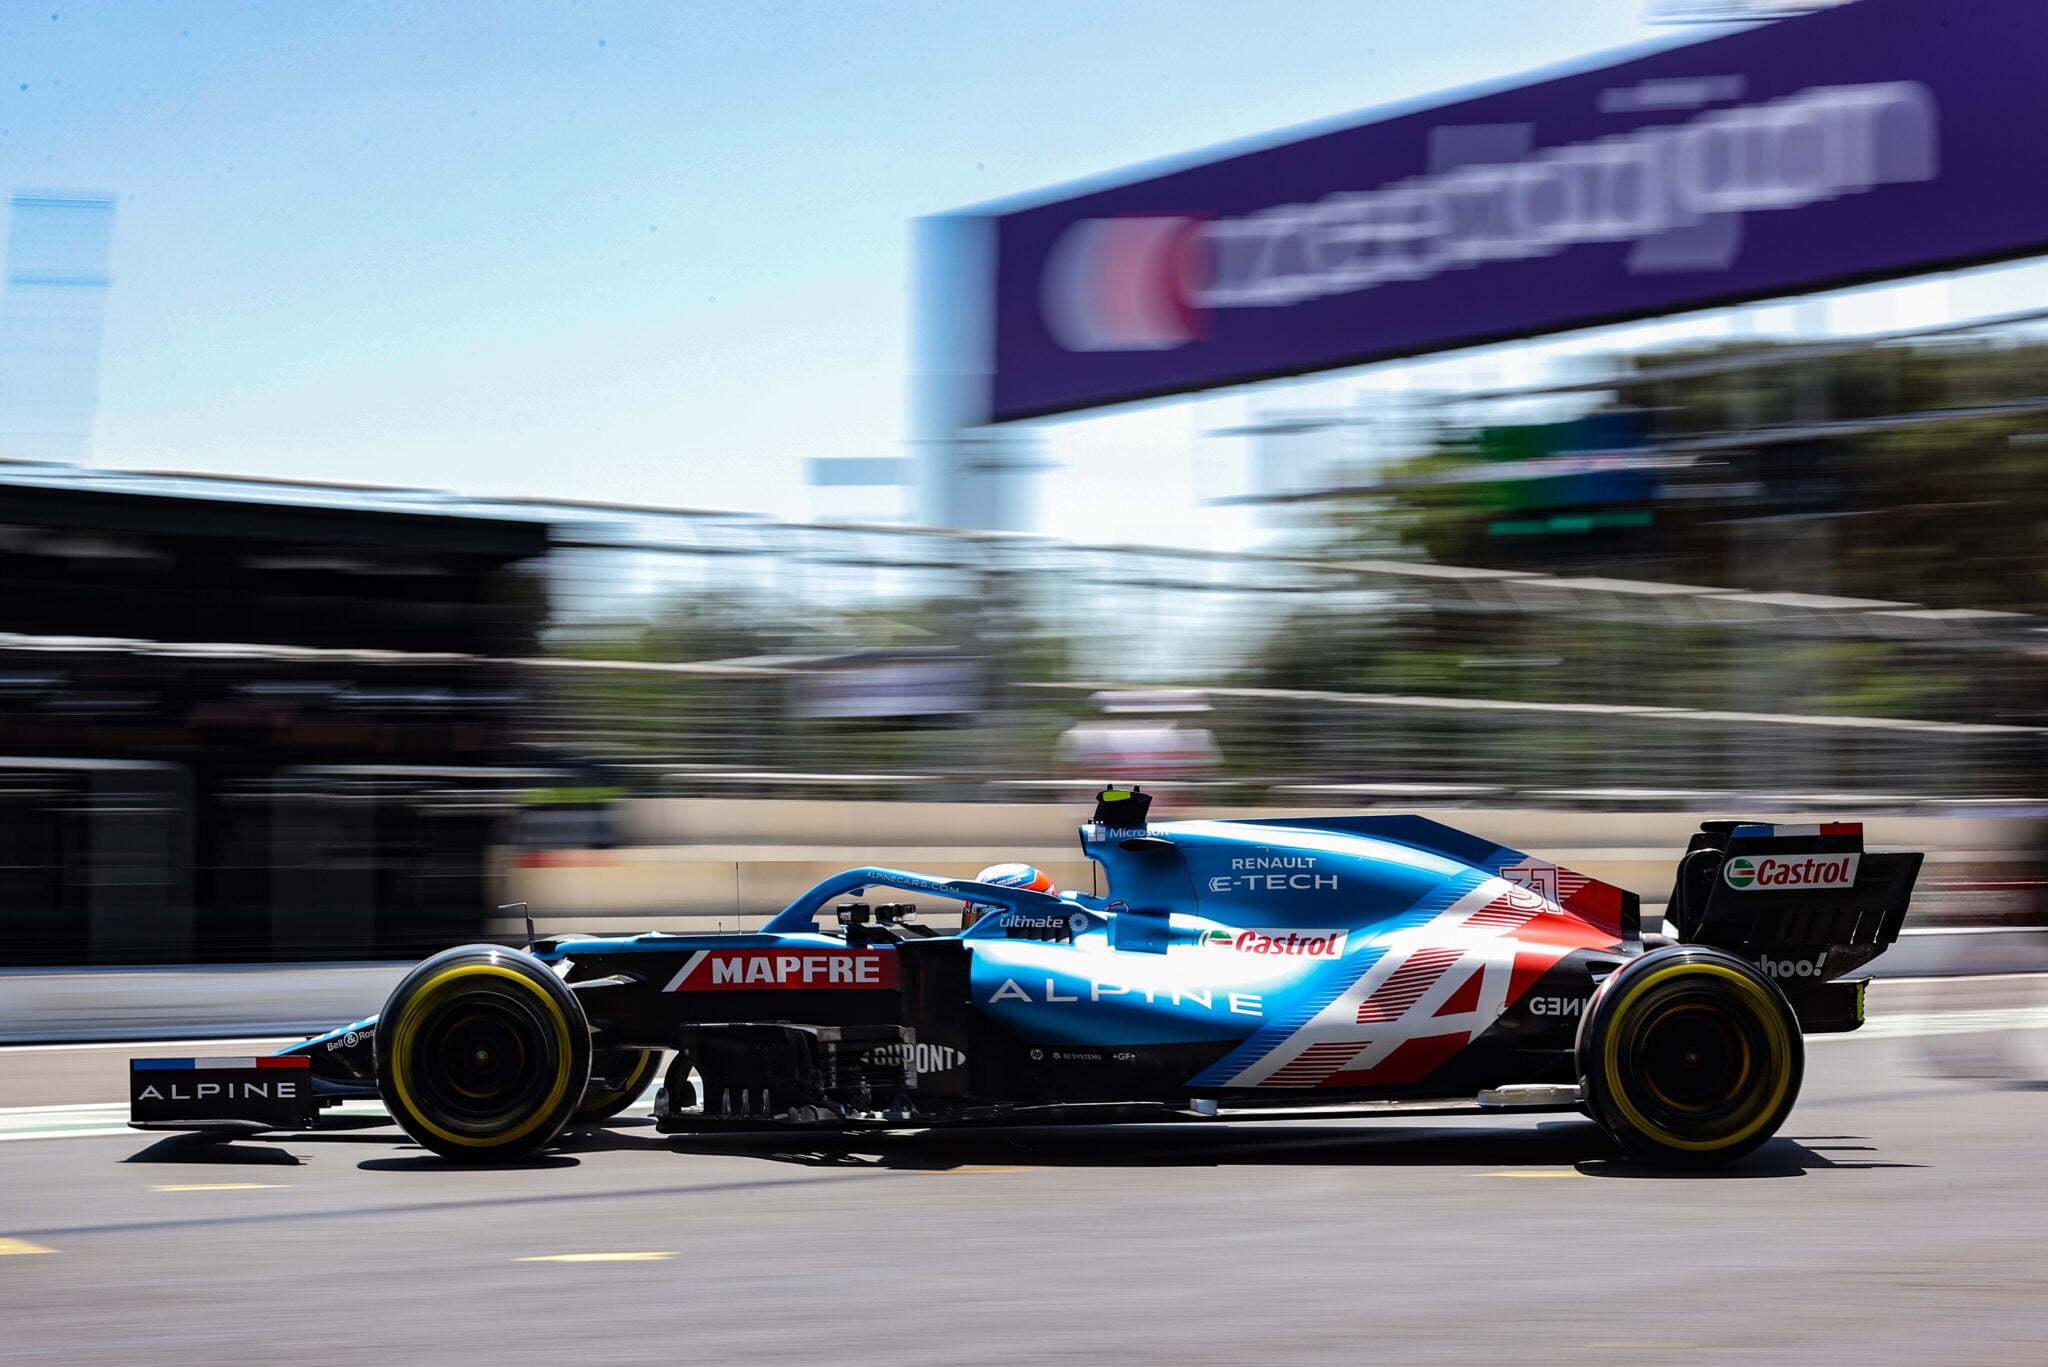 Alpine F1 Azebaijan Grand Prix Baku Alonso Ocon 2021 25   Alonso offre huit précieux points à Alpine F1 Team sur l'épreuve de Bakou